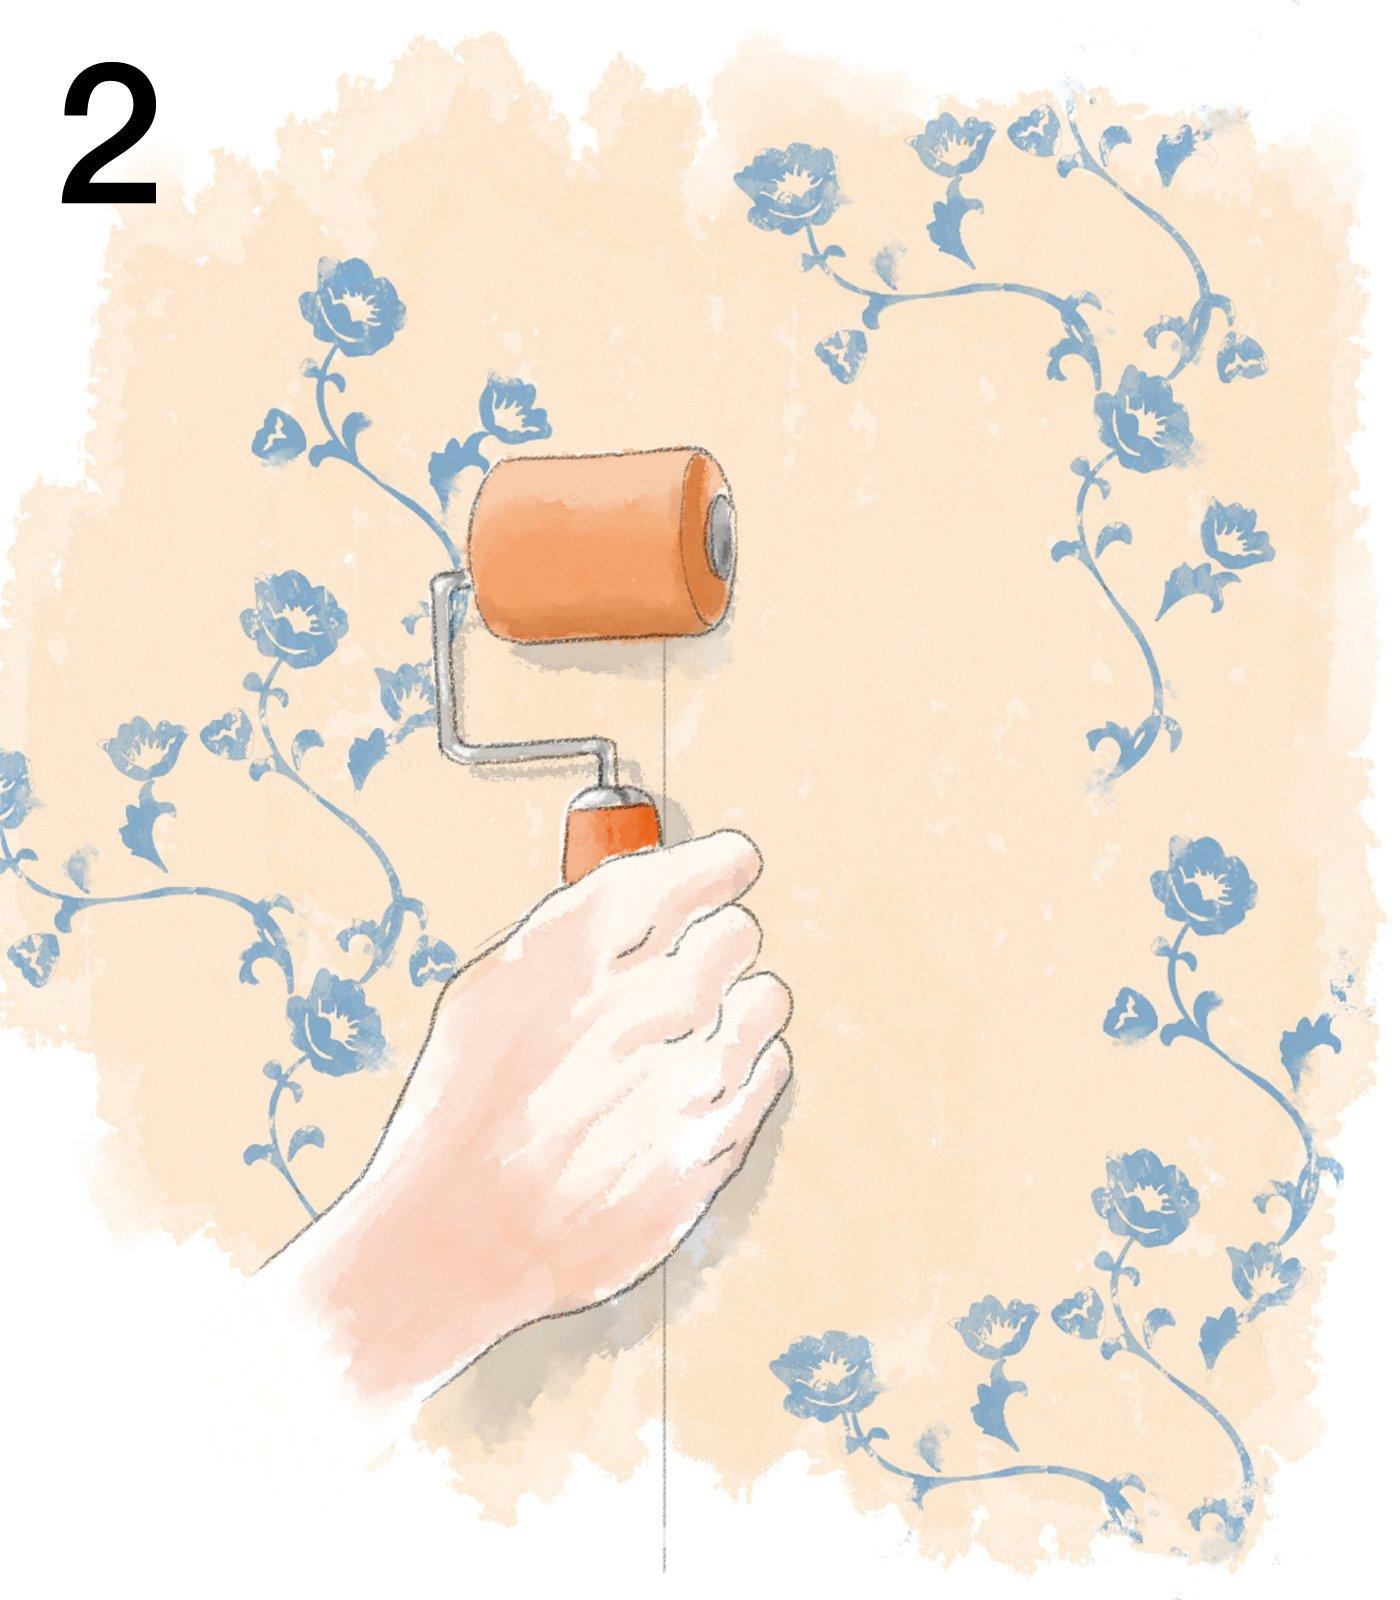 Togliere Carta Da Parati E Tinteggiare.Carta Da Parati Come Si Posa Cose Di Casa